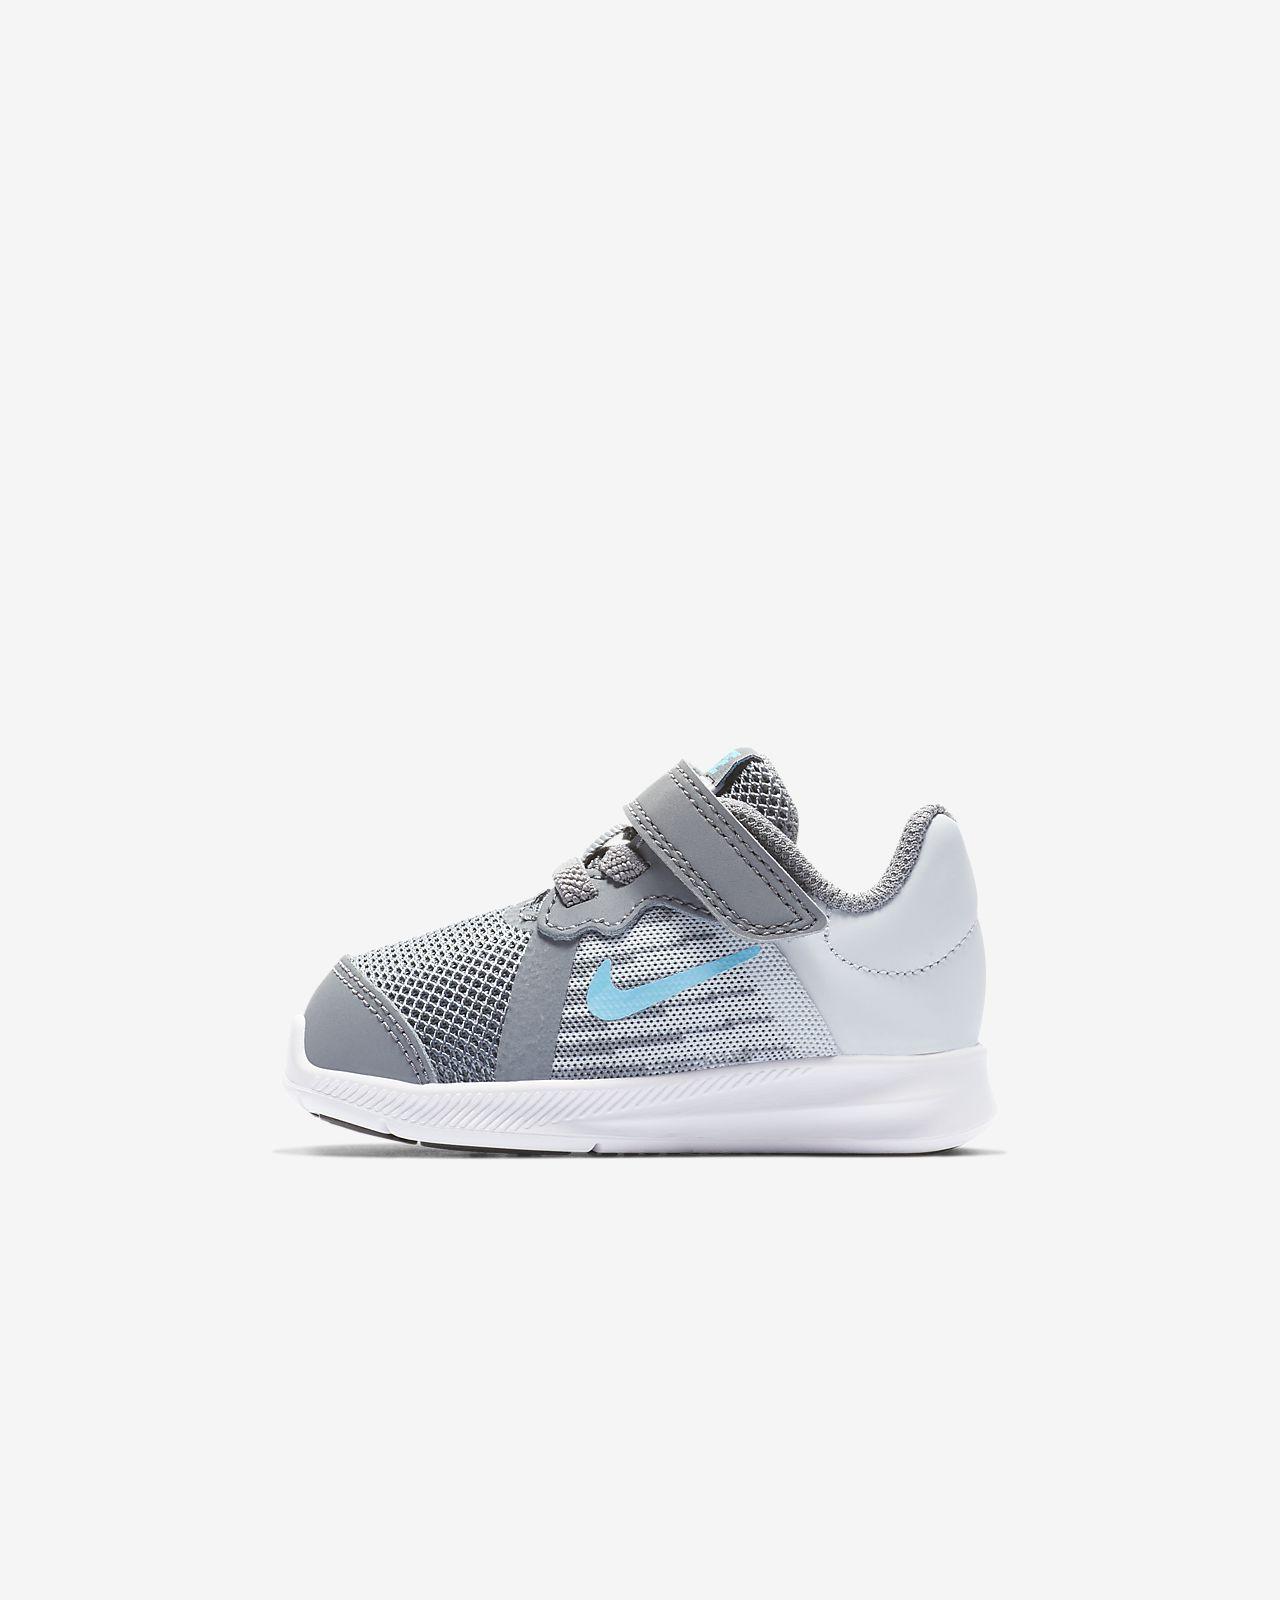 huge discount ab2d3 b4671 babysmå 8 SE Nike för Sko barn Downshifter q7wBn